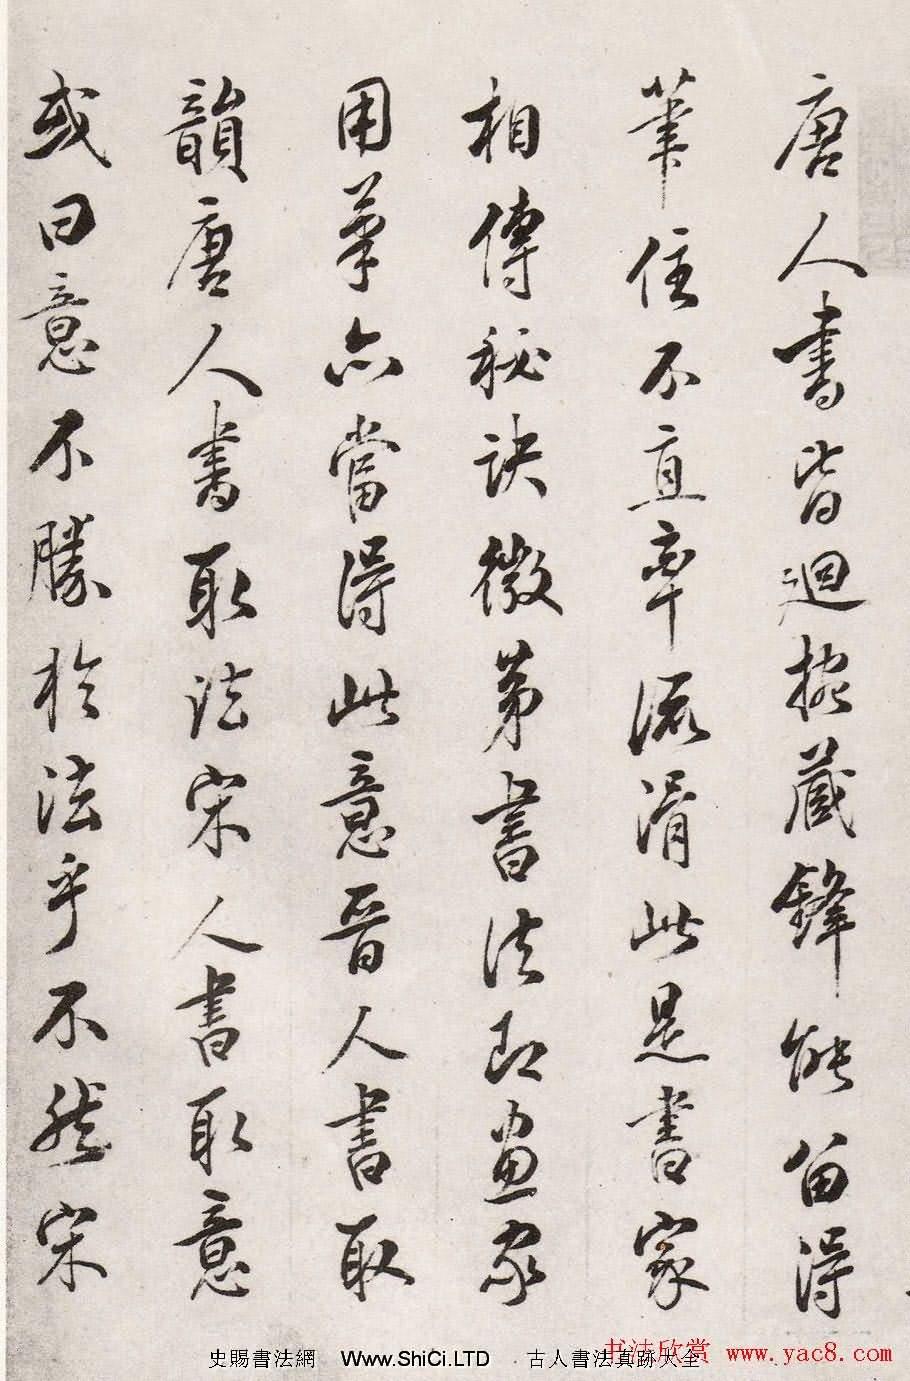 民族英雄林則徐書法真跡欣賞《畫禪室隨筆》(共16張圖片)